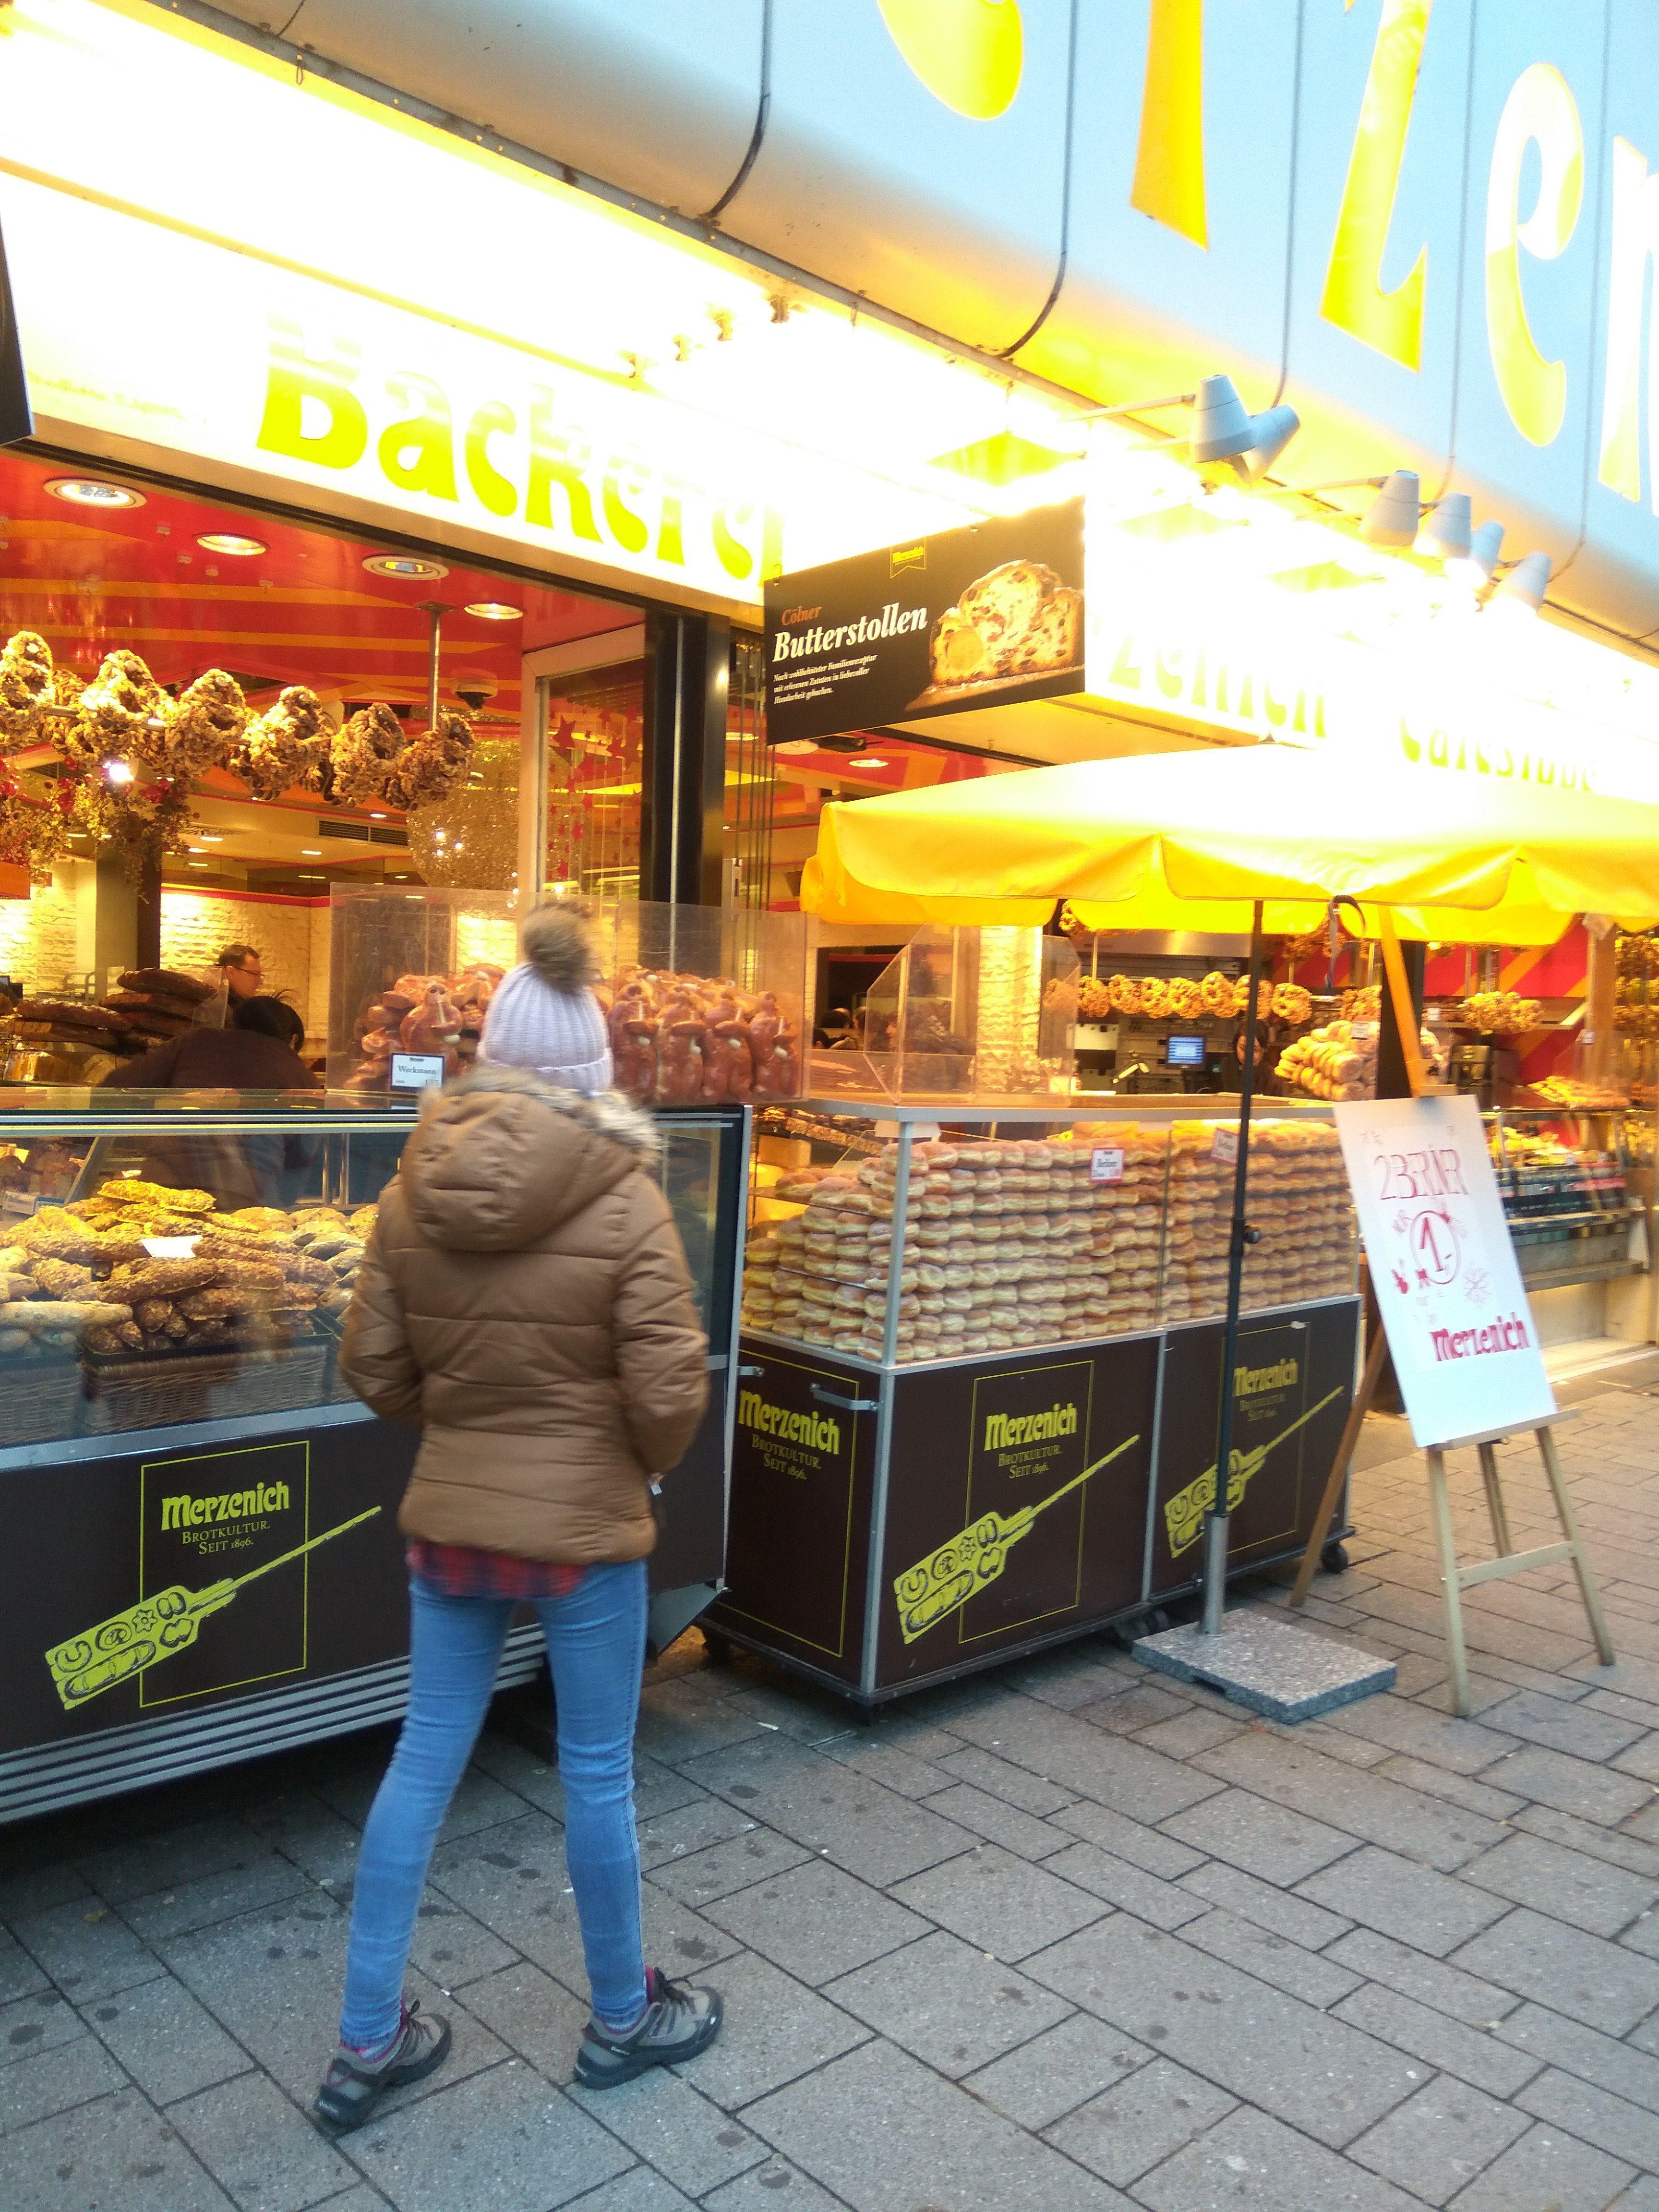 Bakery Merzenich, Colonia